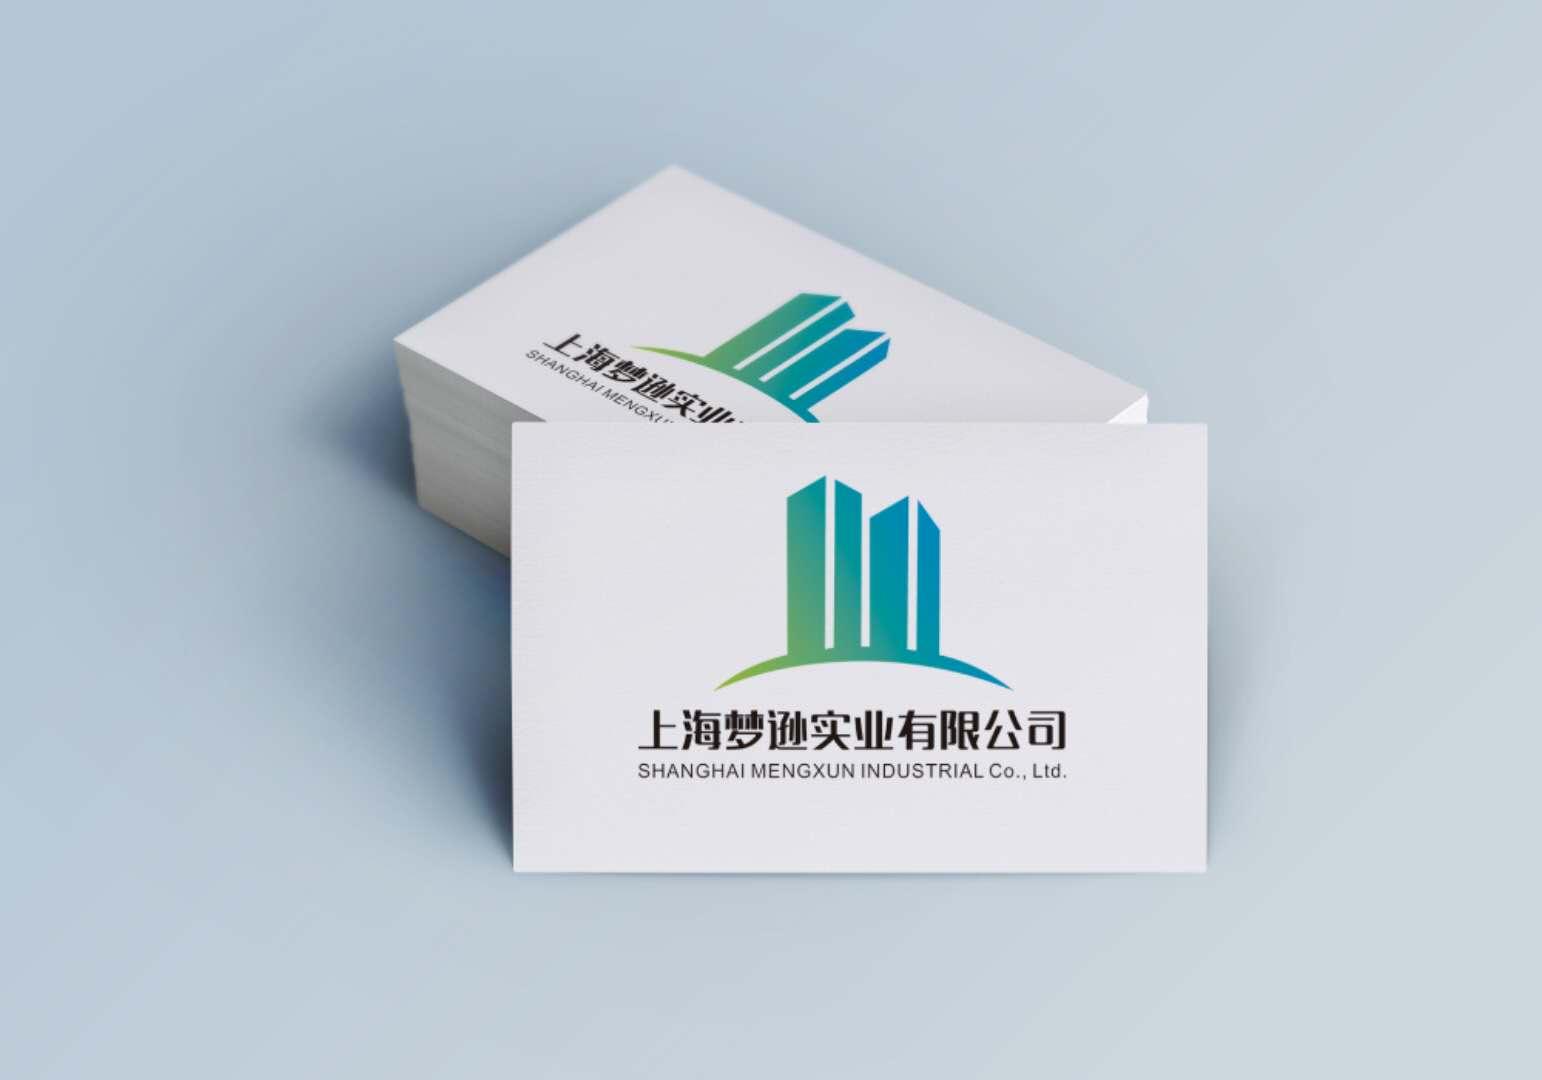 上海夢遜實業有限公司